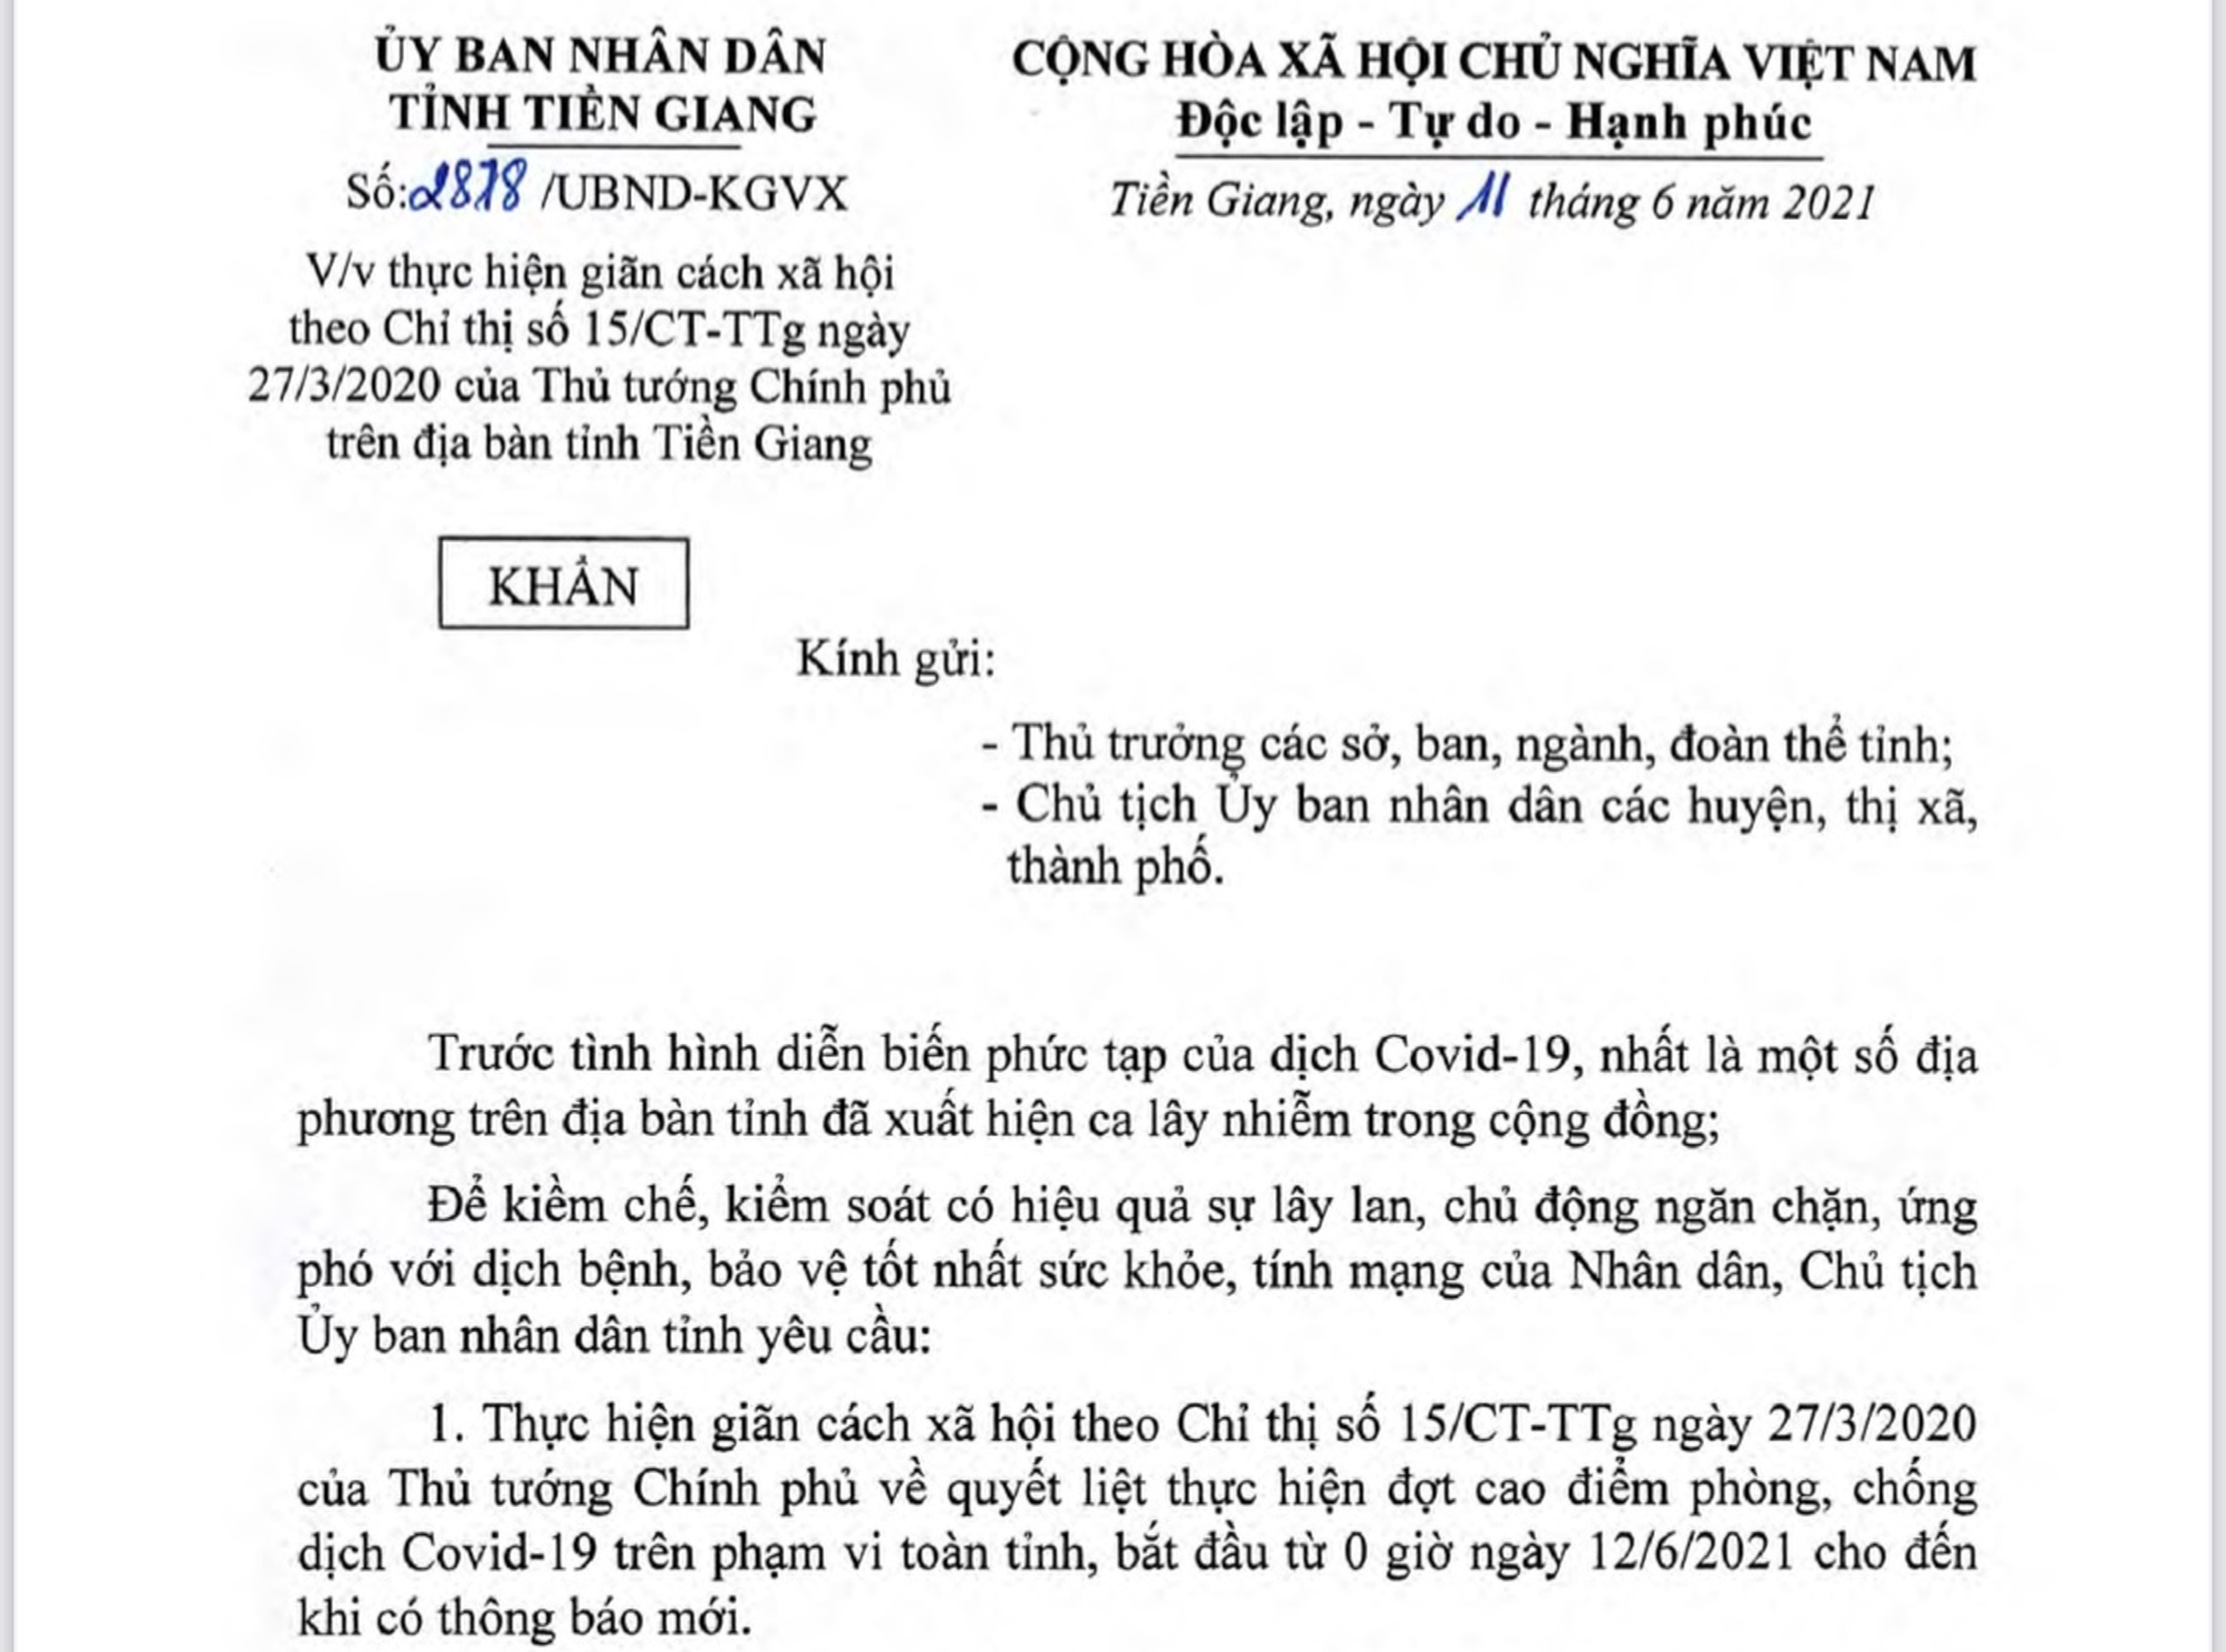 Tiền Giang ban hành công văn khẩn cấp giãn cách xã hội theo Chỉ thị 15 của Thủ tướng Chính phủ - Ảnh: Nhật Hạ.